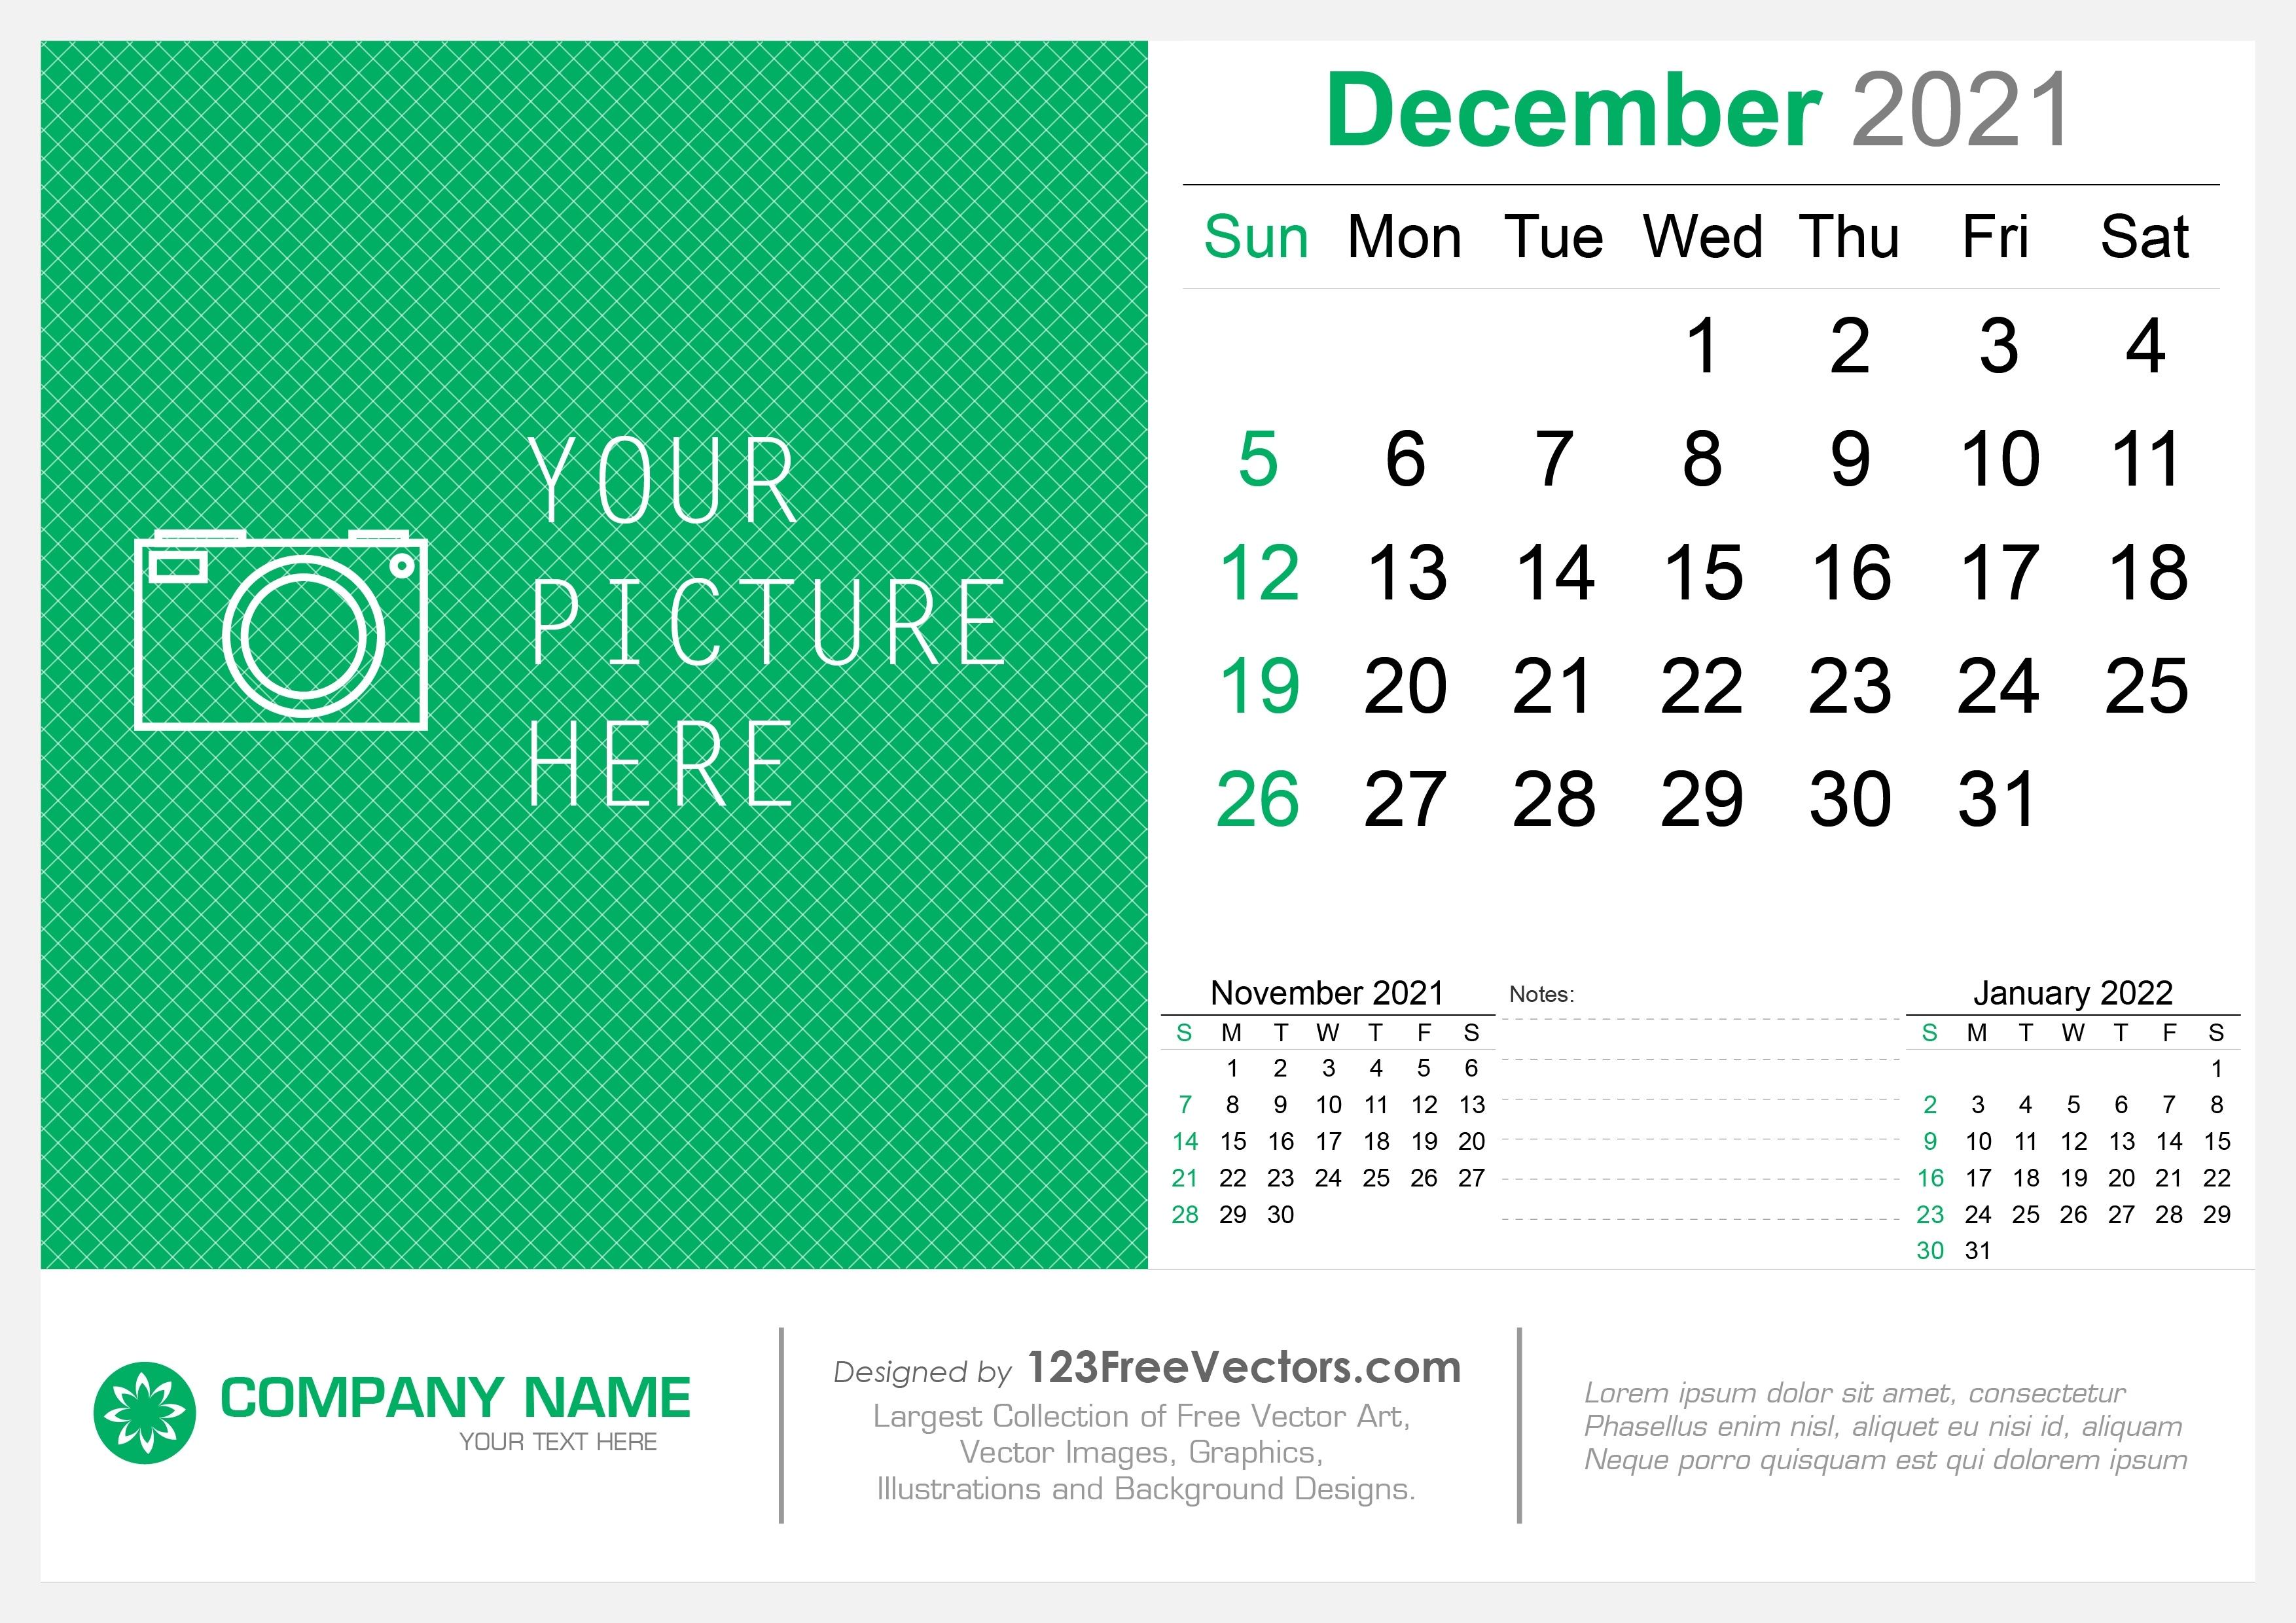 Free 2020 2021 Calendar June 2021 Calendar Copy And Paste